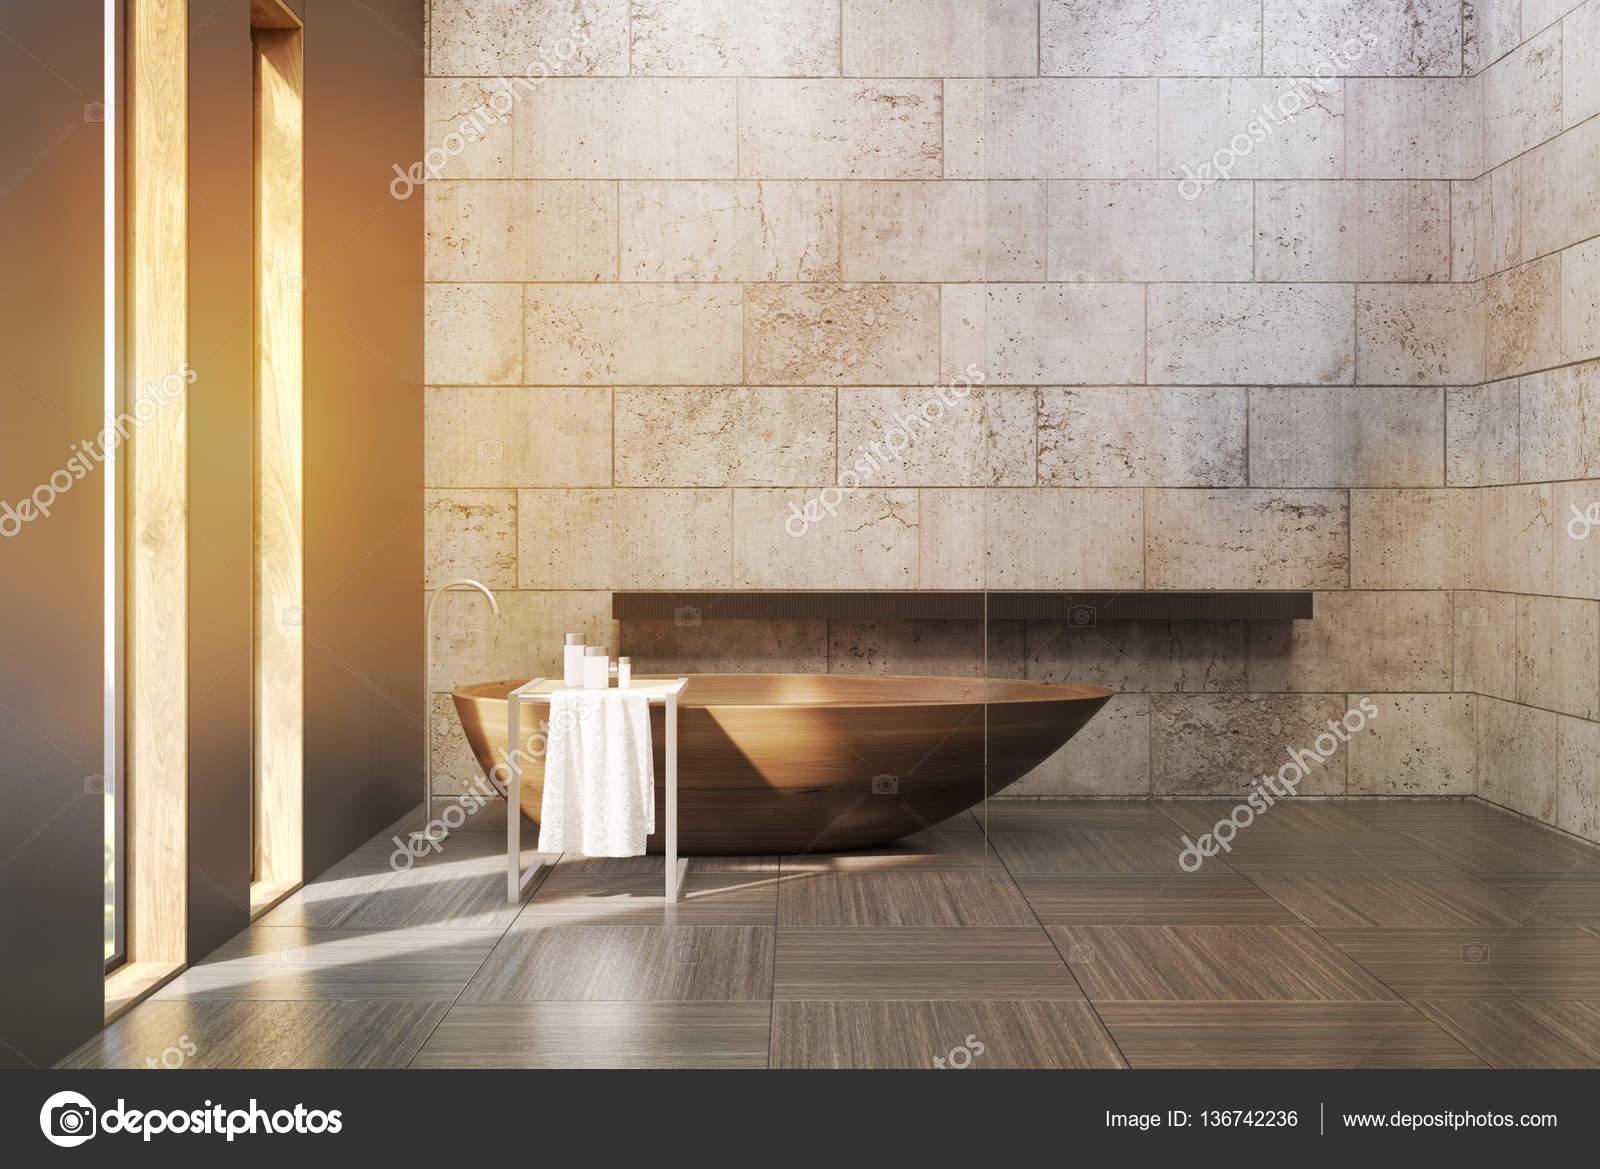 Betonnen Badkamer Muur : Oude badkamer met betonnen muren afgezwakt u stockfoto